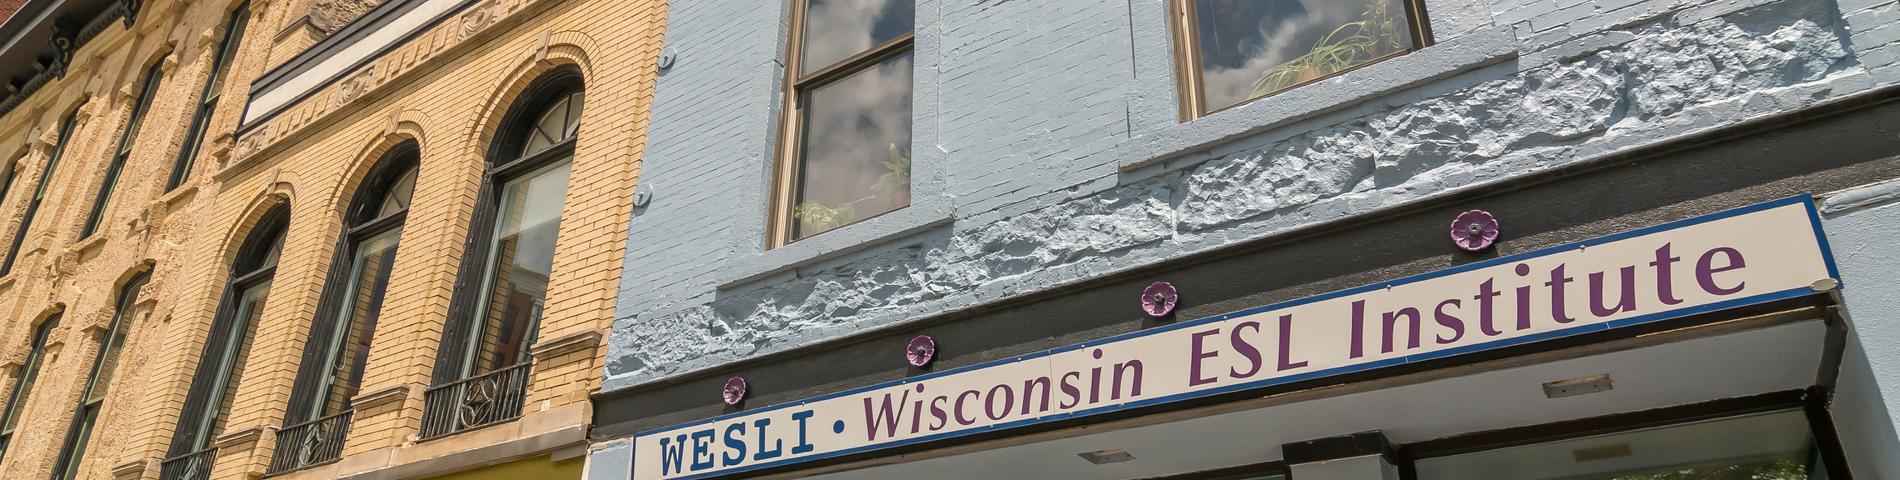 WESLI Wisconsin ESL Institute kép 1